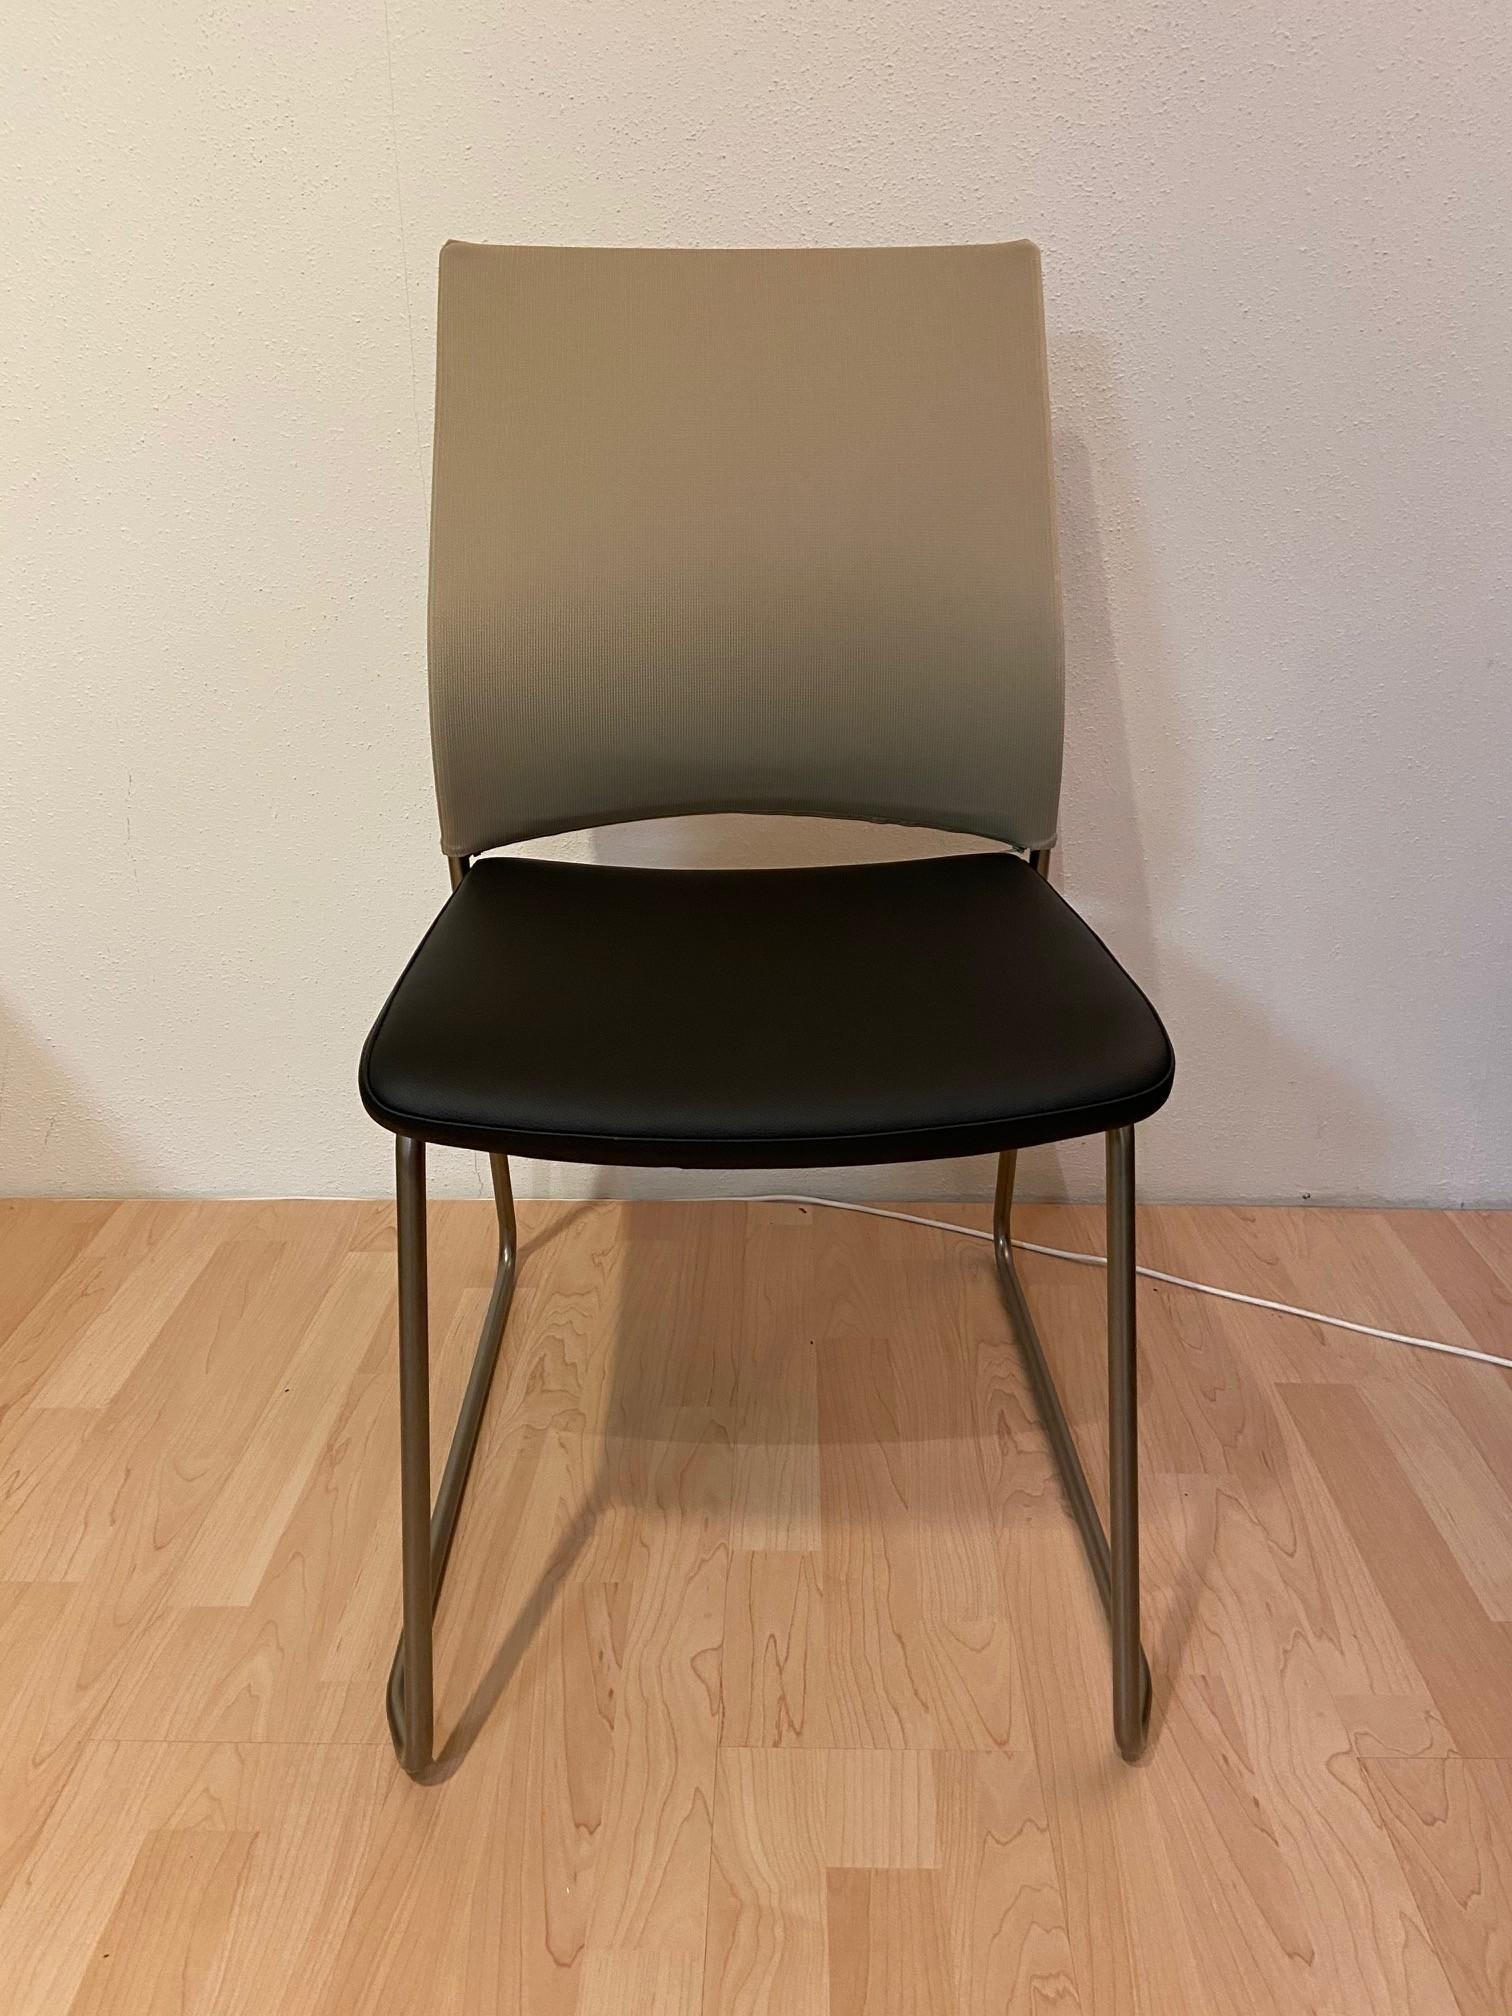 Stühle Bow von Bacher 03